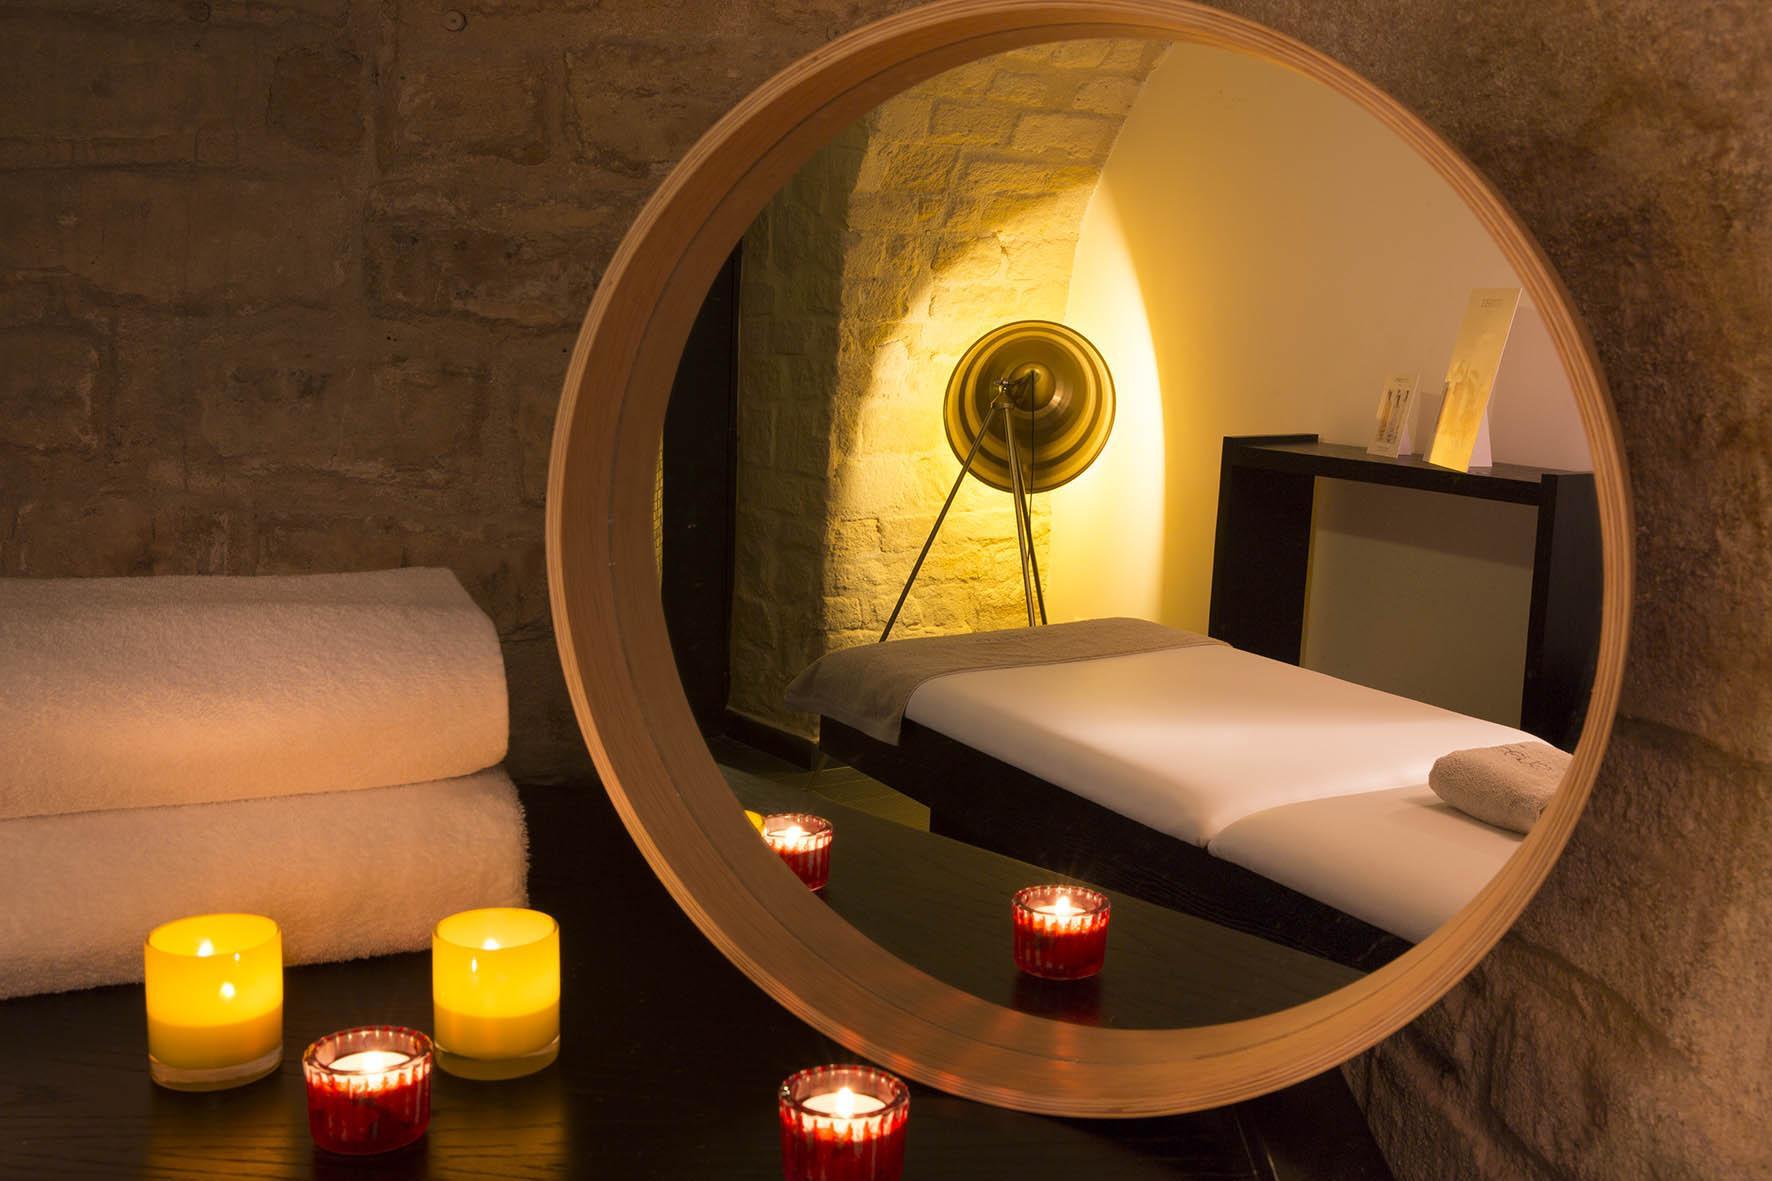 Saint valentin des massages partager en duo madame figaro - Salon de massage pour couple ...